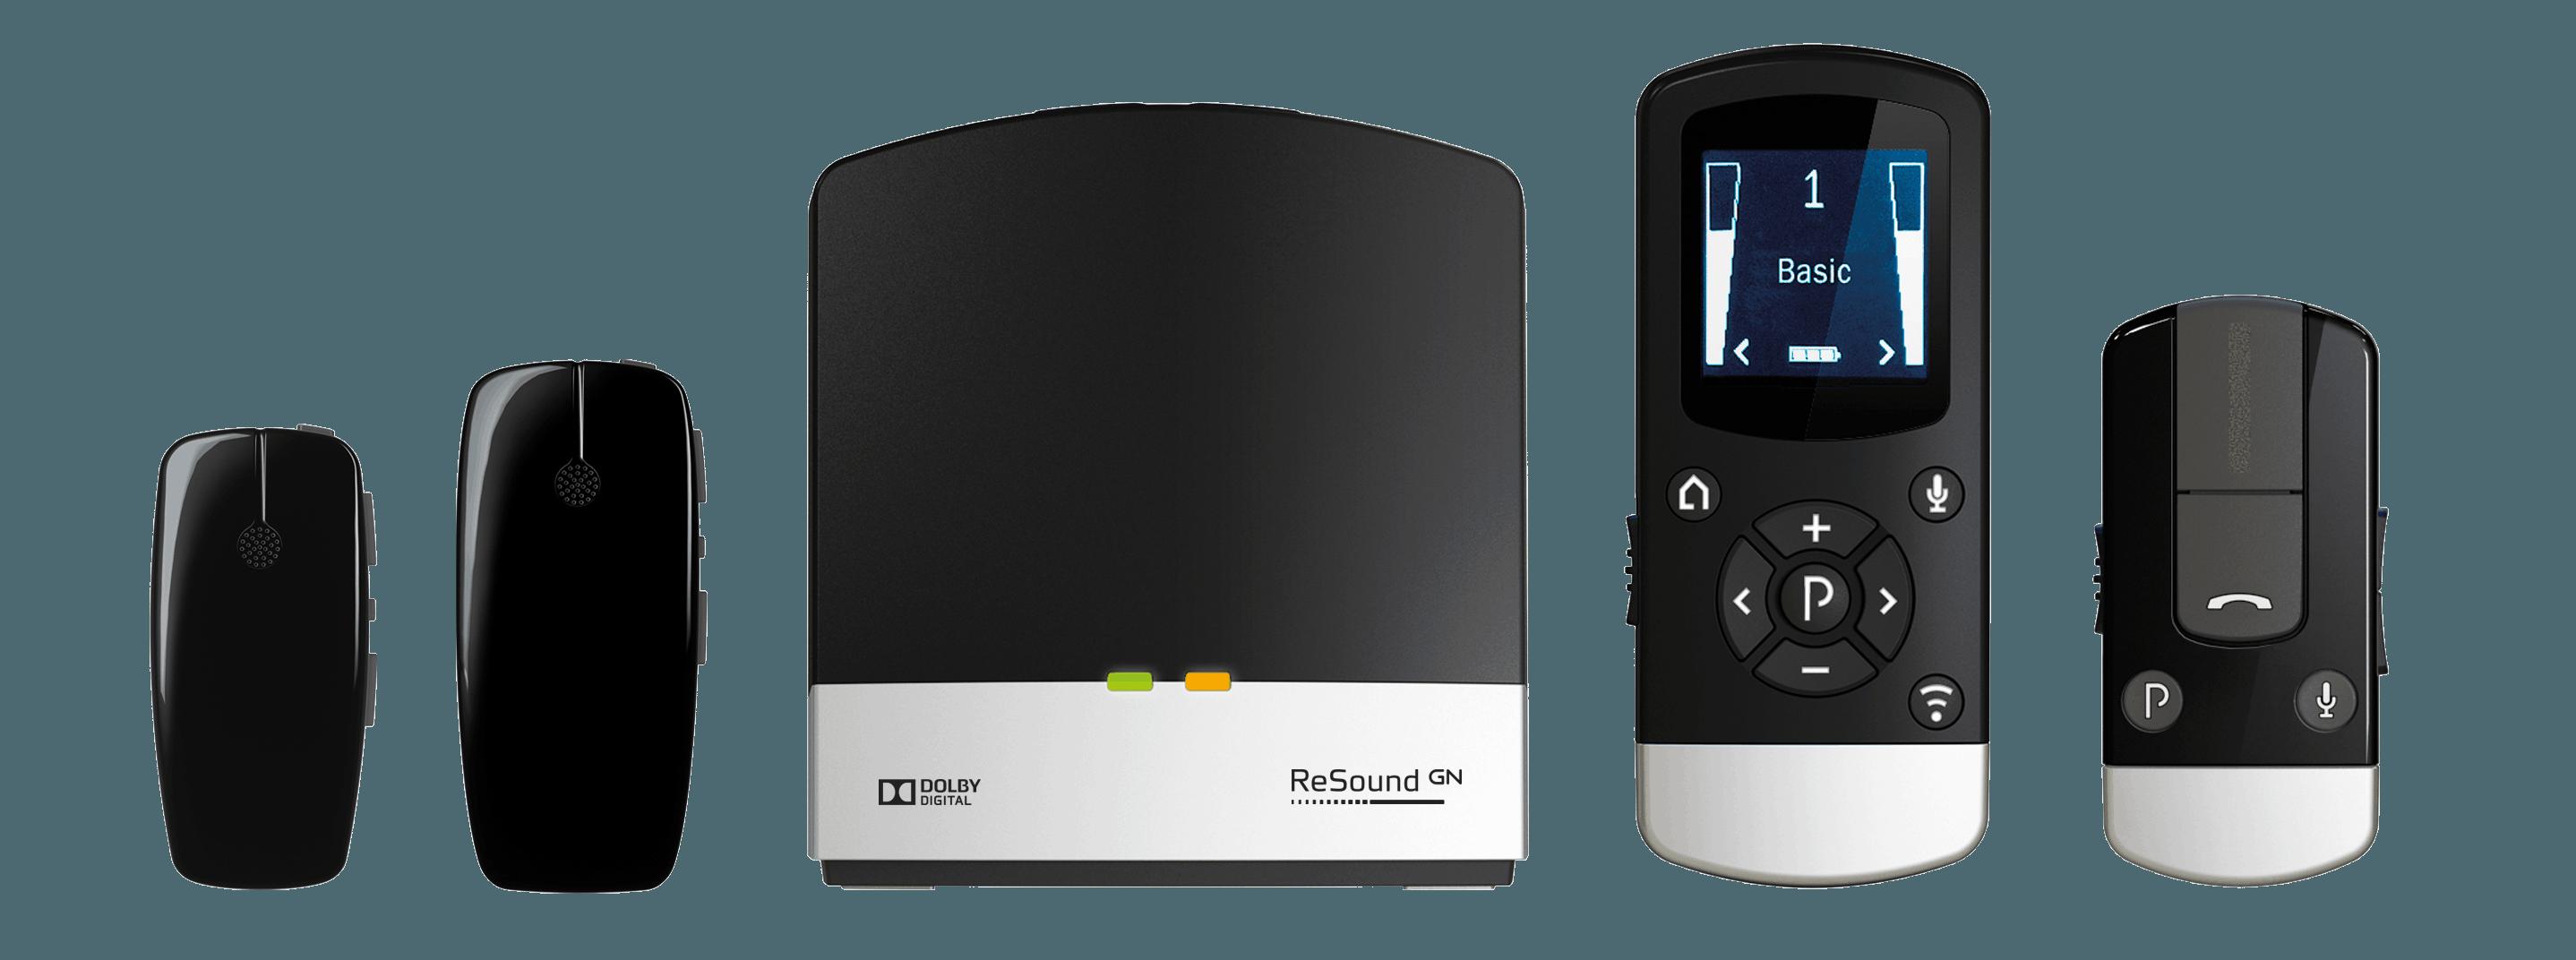 ReSound-wireless-accessories-lineup